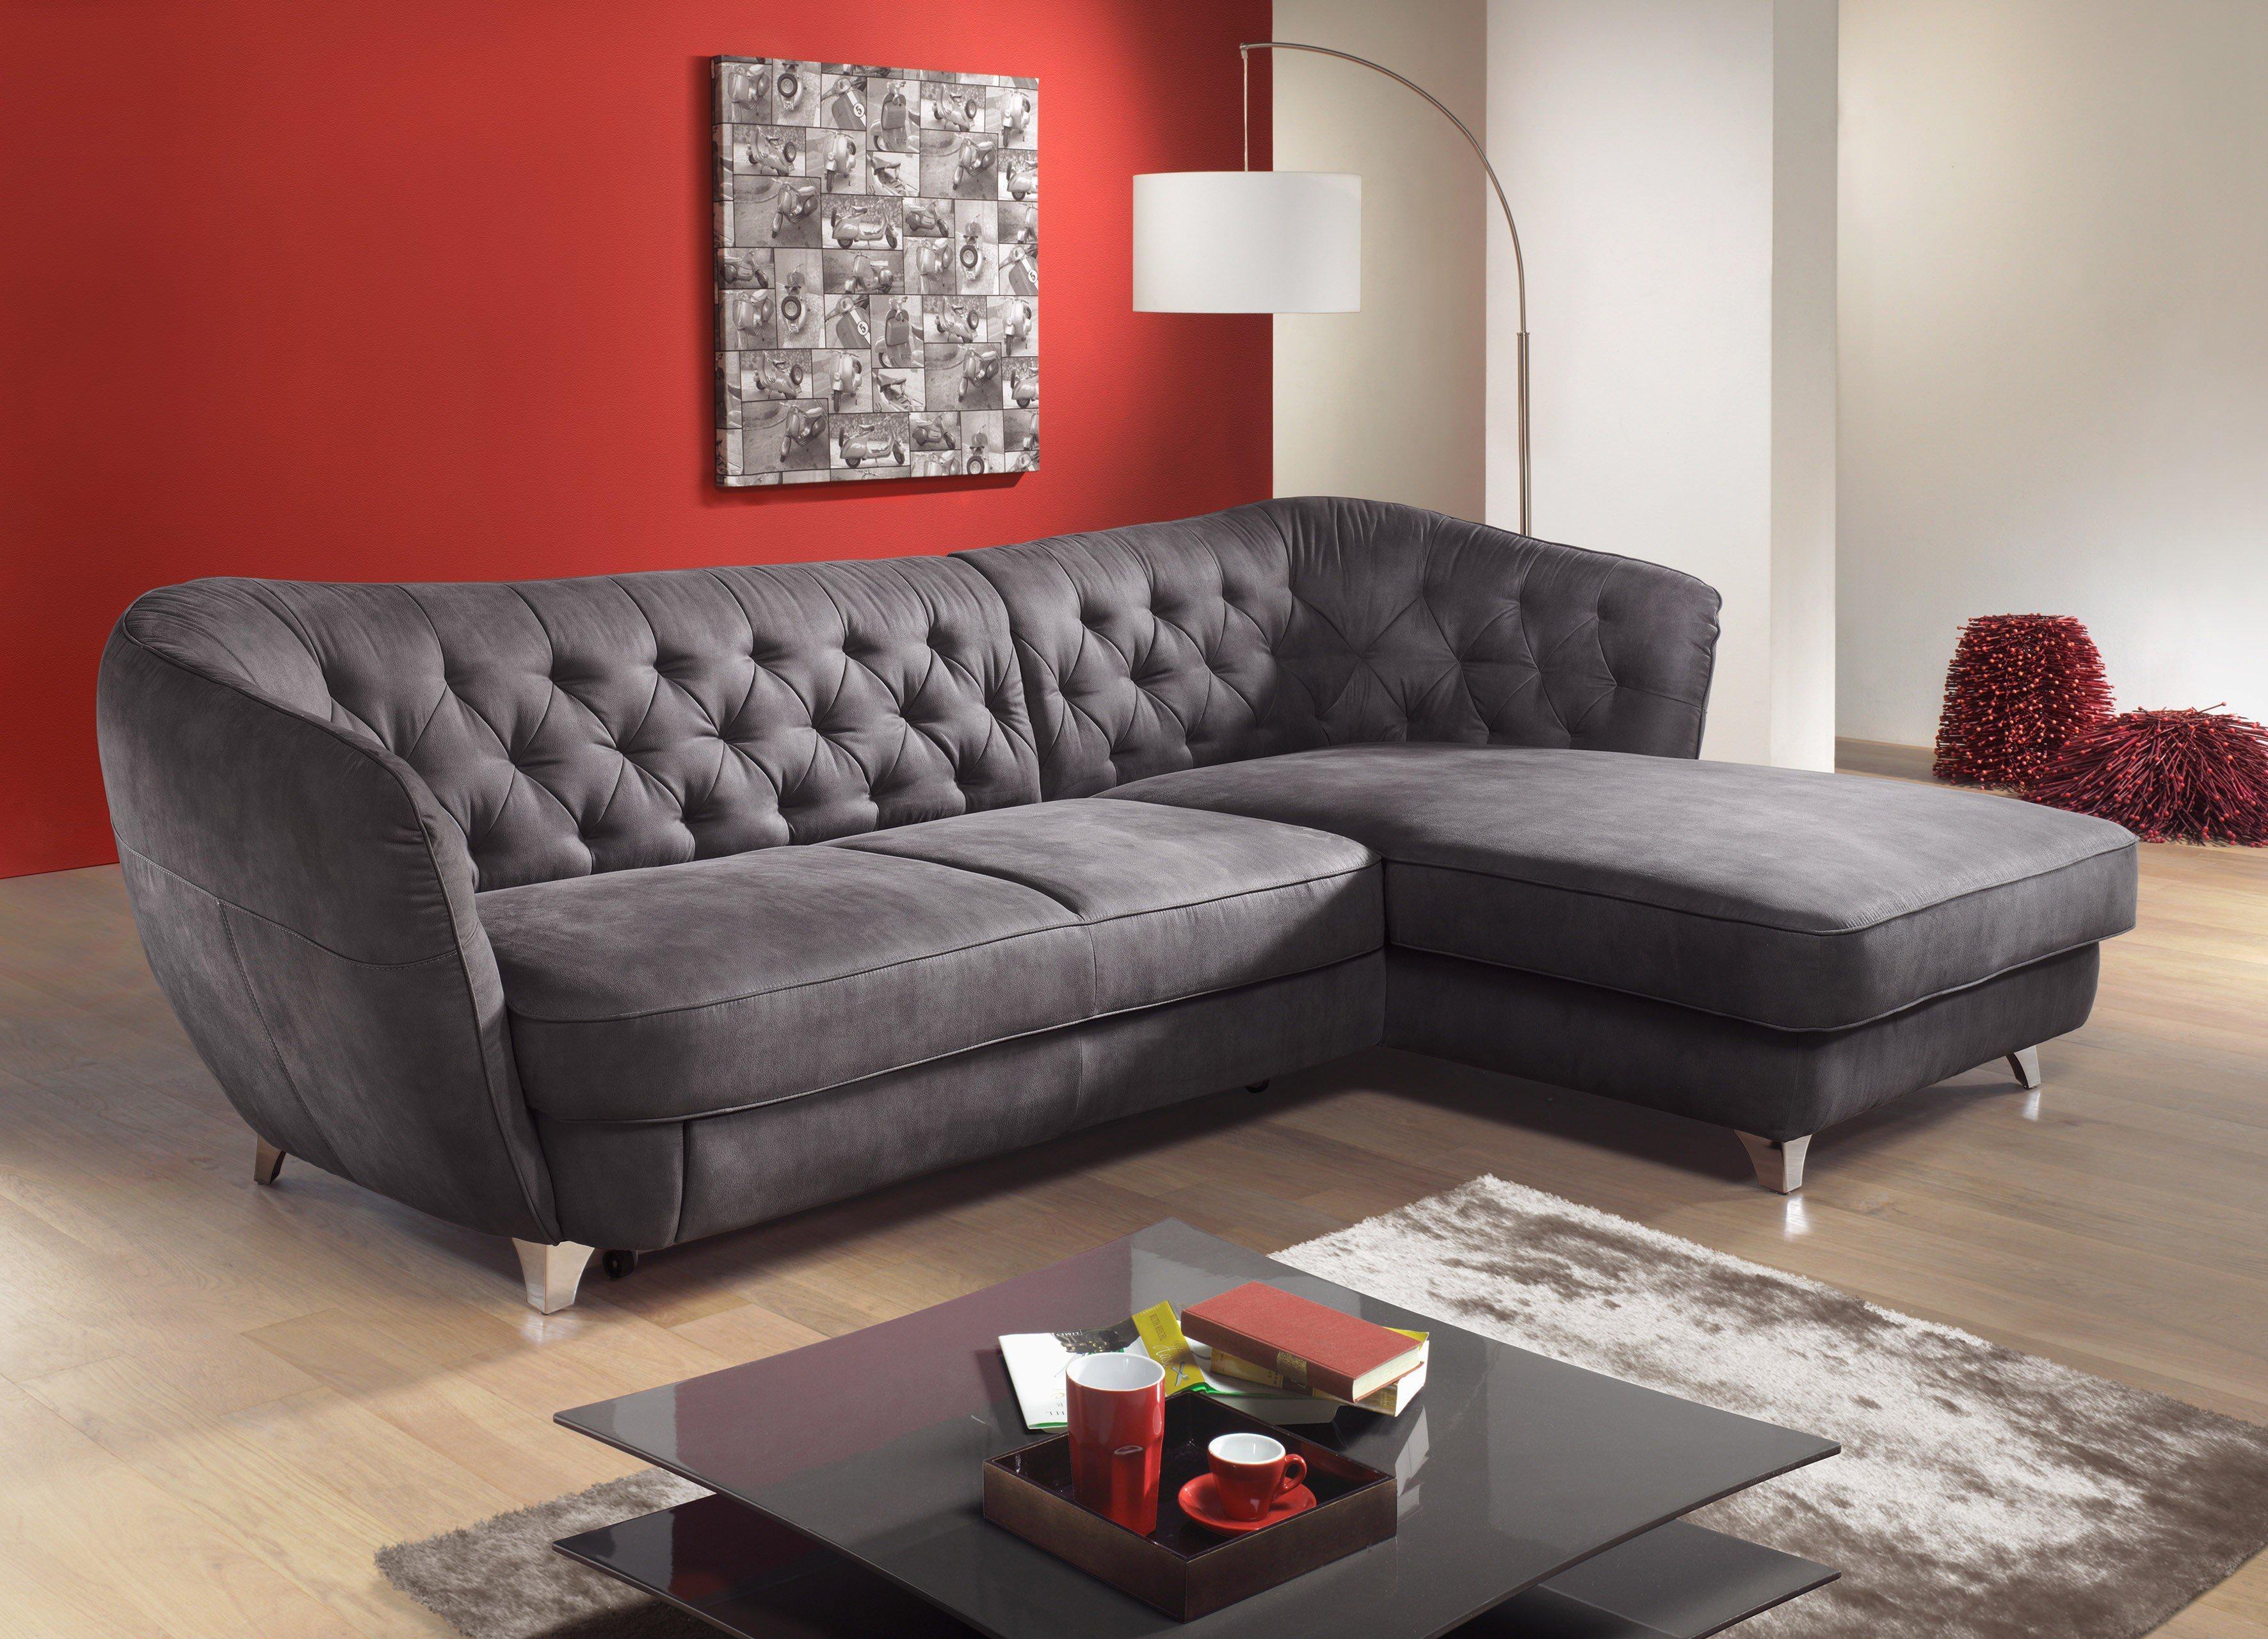 retro von cotta eckgarnitur darkgrey - Eckschlafsofa Die Praktischen Sofa Fur Ihren Komfort